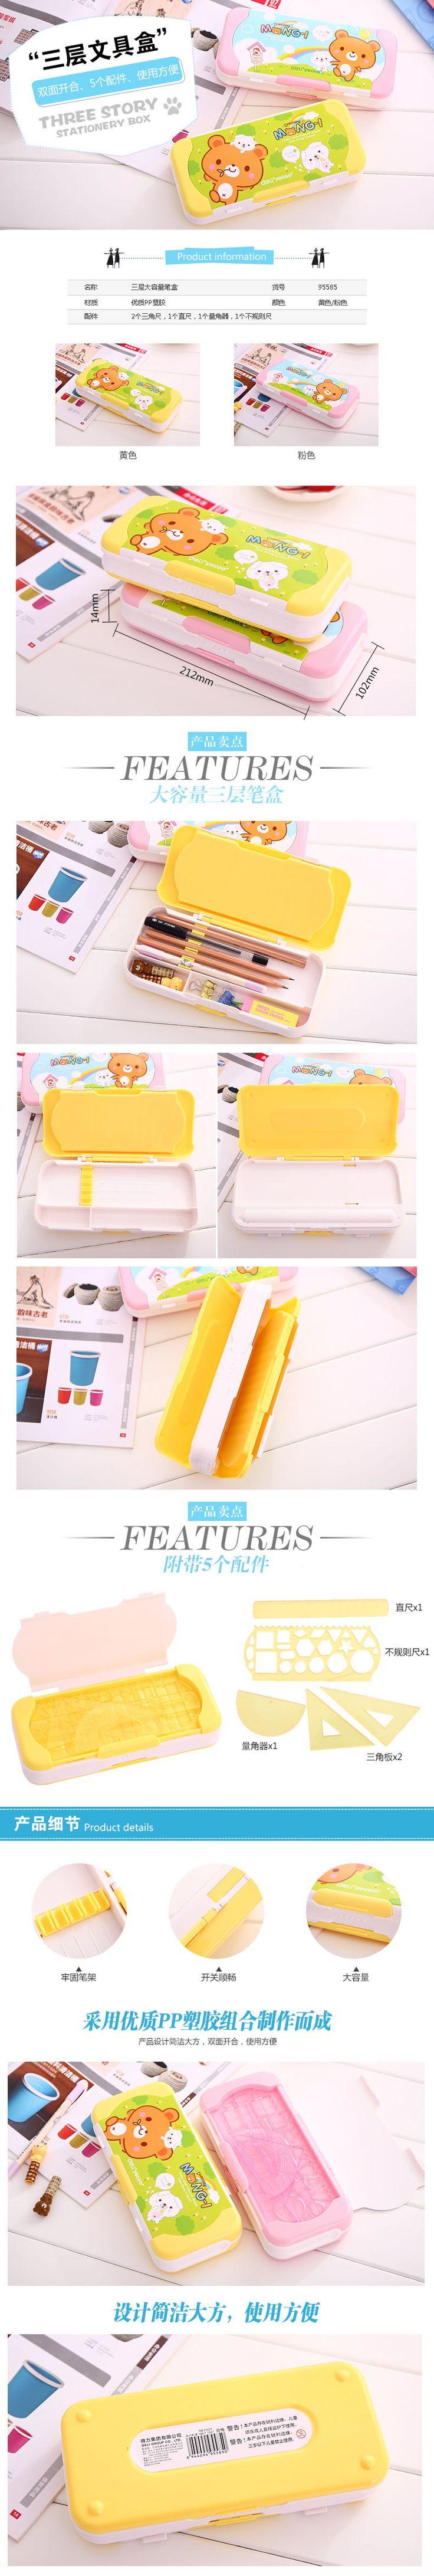 Eficaz 95585 caricatura caixa papelaria multifuncional crianças de três camada de plástico caixa de lápis caixa de lápis estudantes em Estojos de Escritório & material escolar no AliExpress.com | Alibaba Group